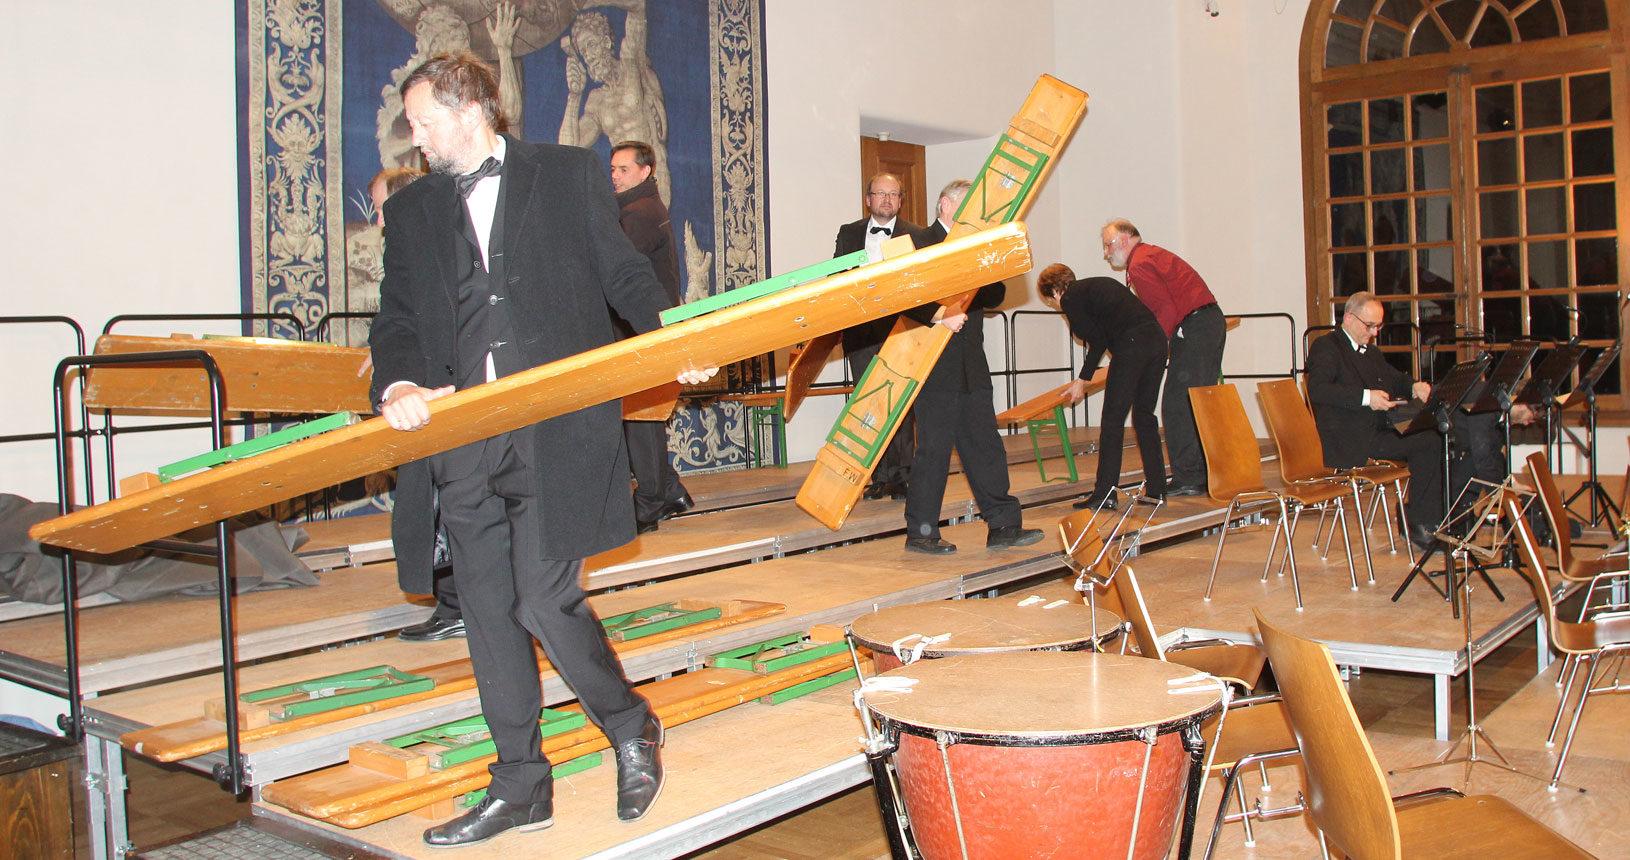 Bühnenbau Konzertchor Dachau